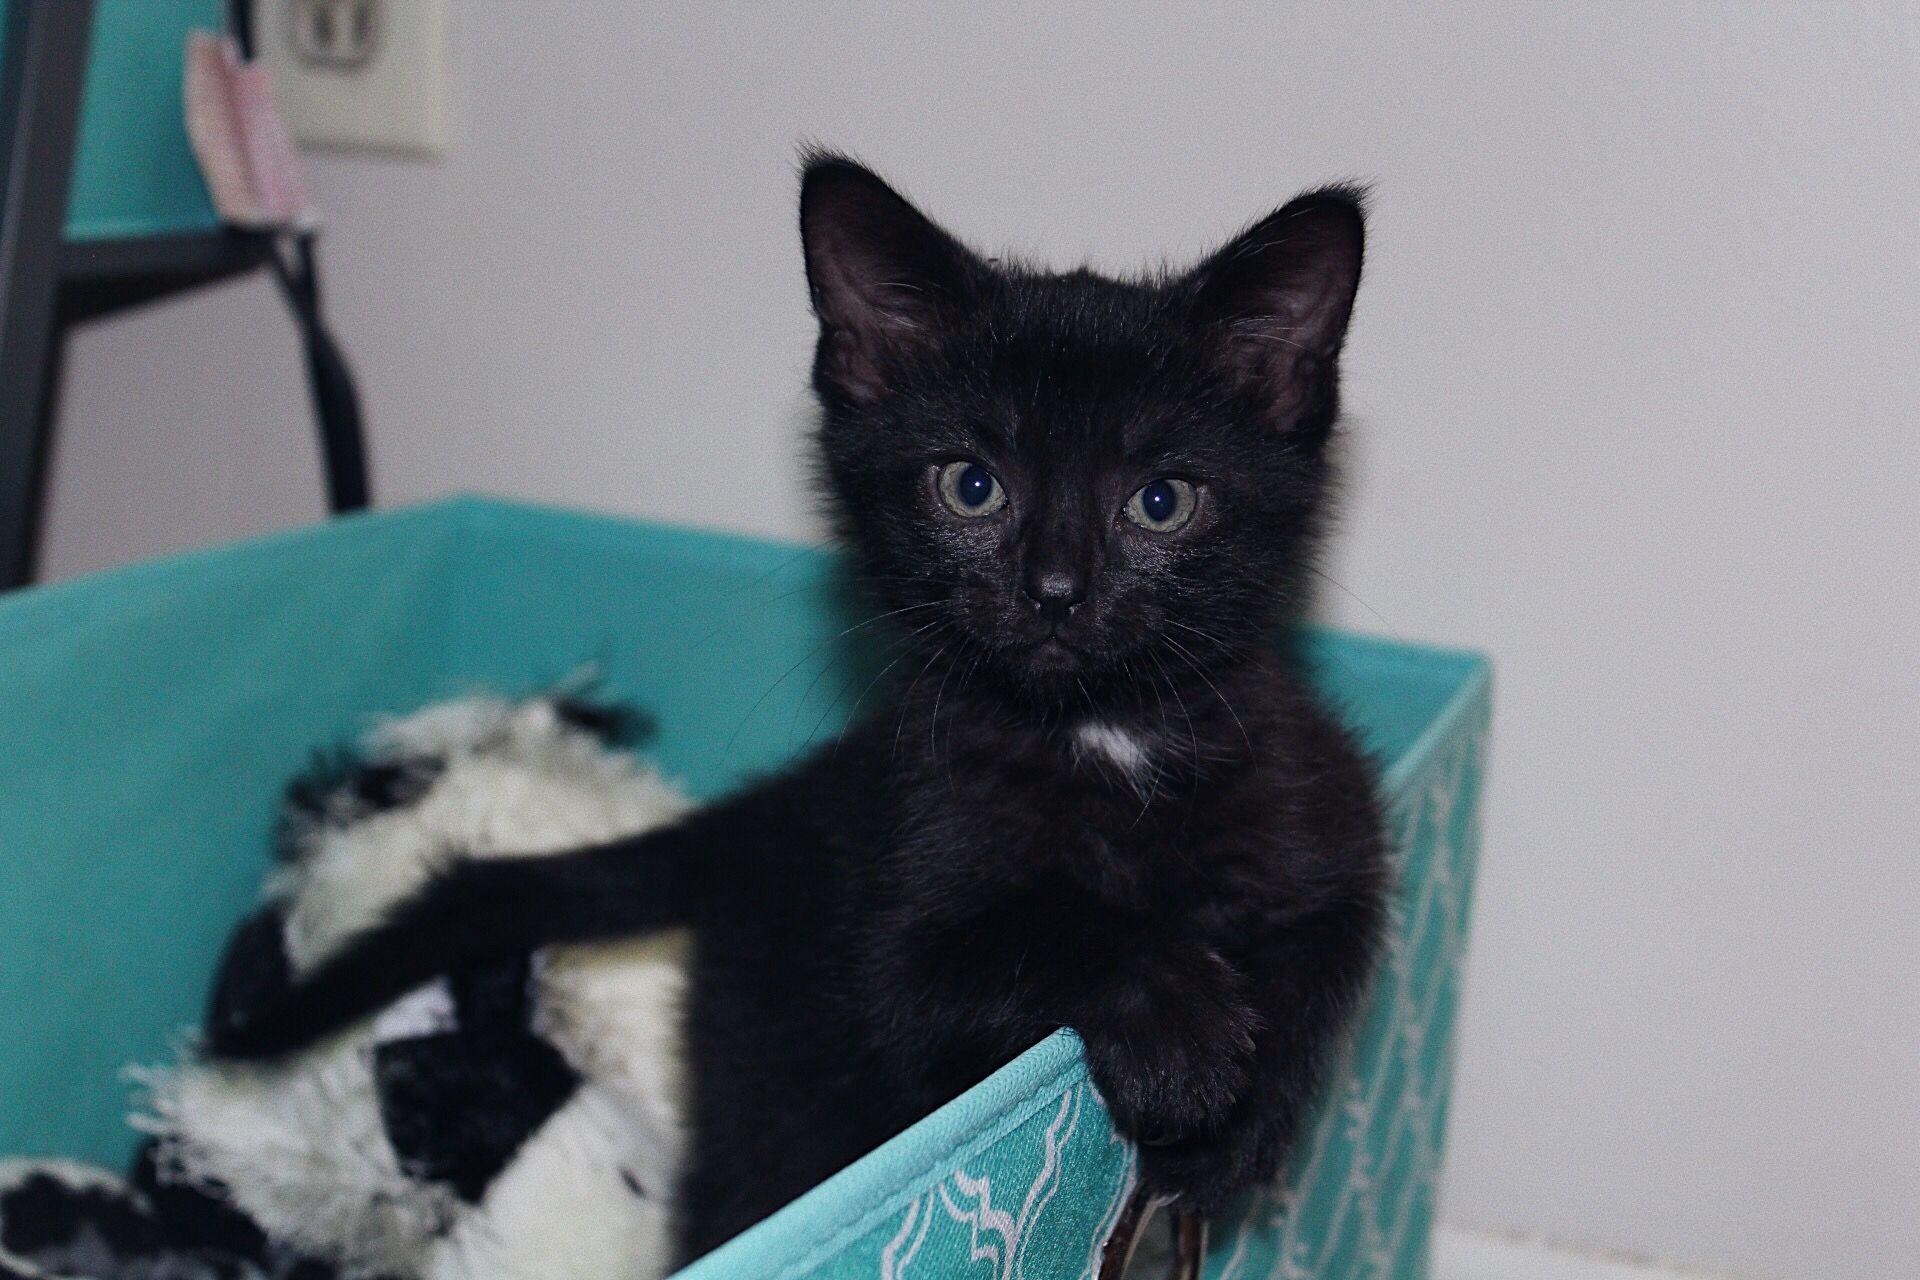 Allerpet Cat Dander Remover 12 Oz Bottle Chewy Com Cat Allergies Cat Dander Sleeping Kitten